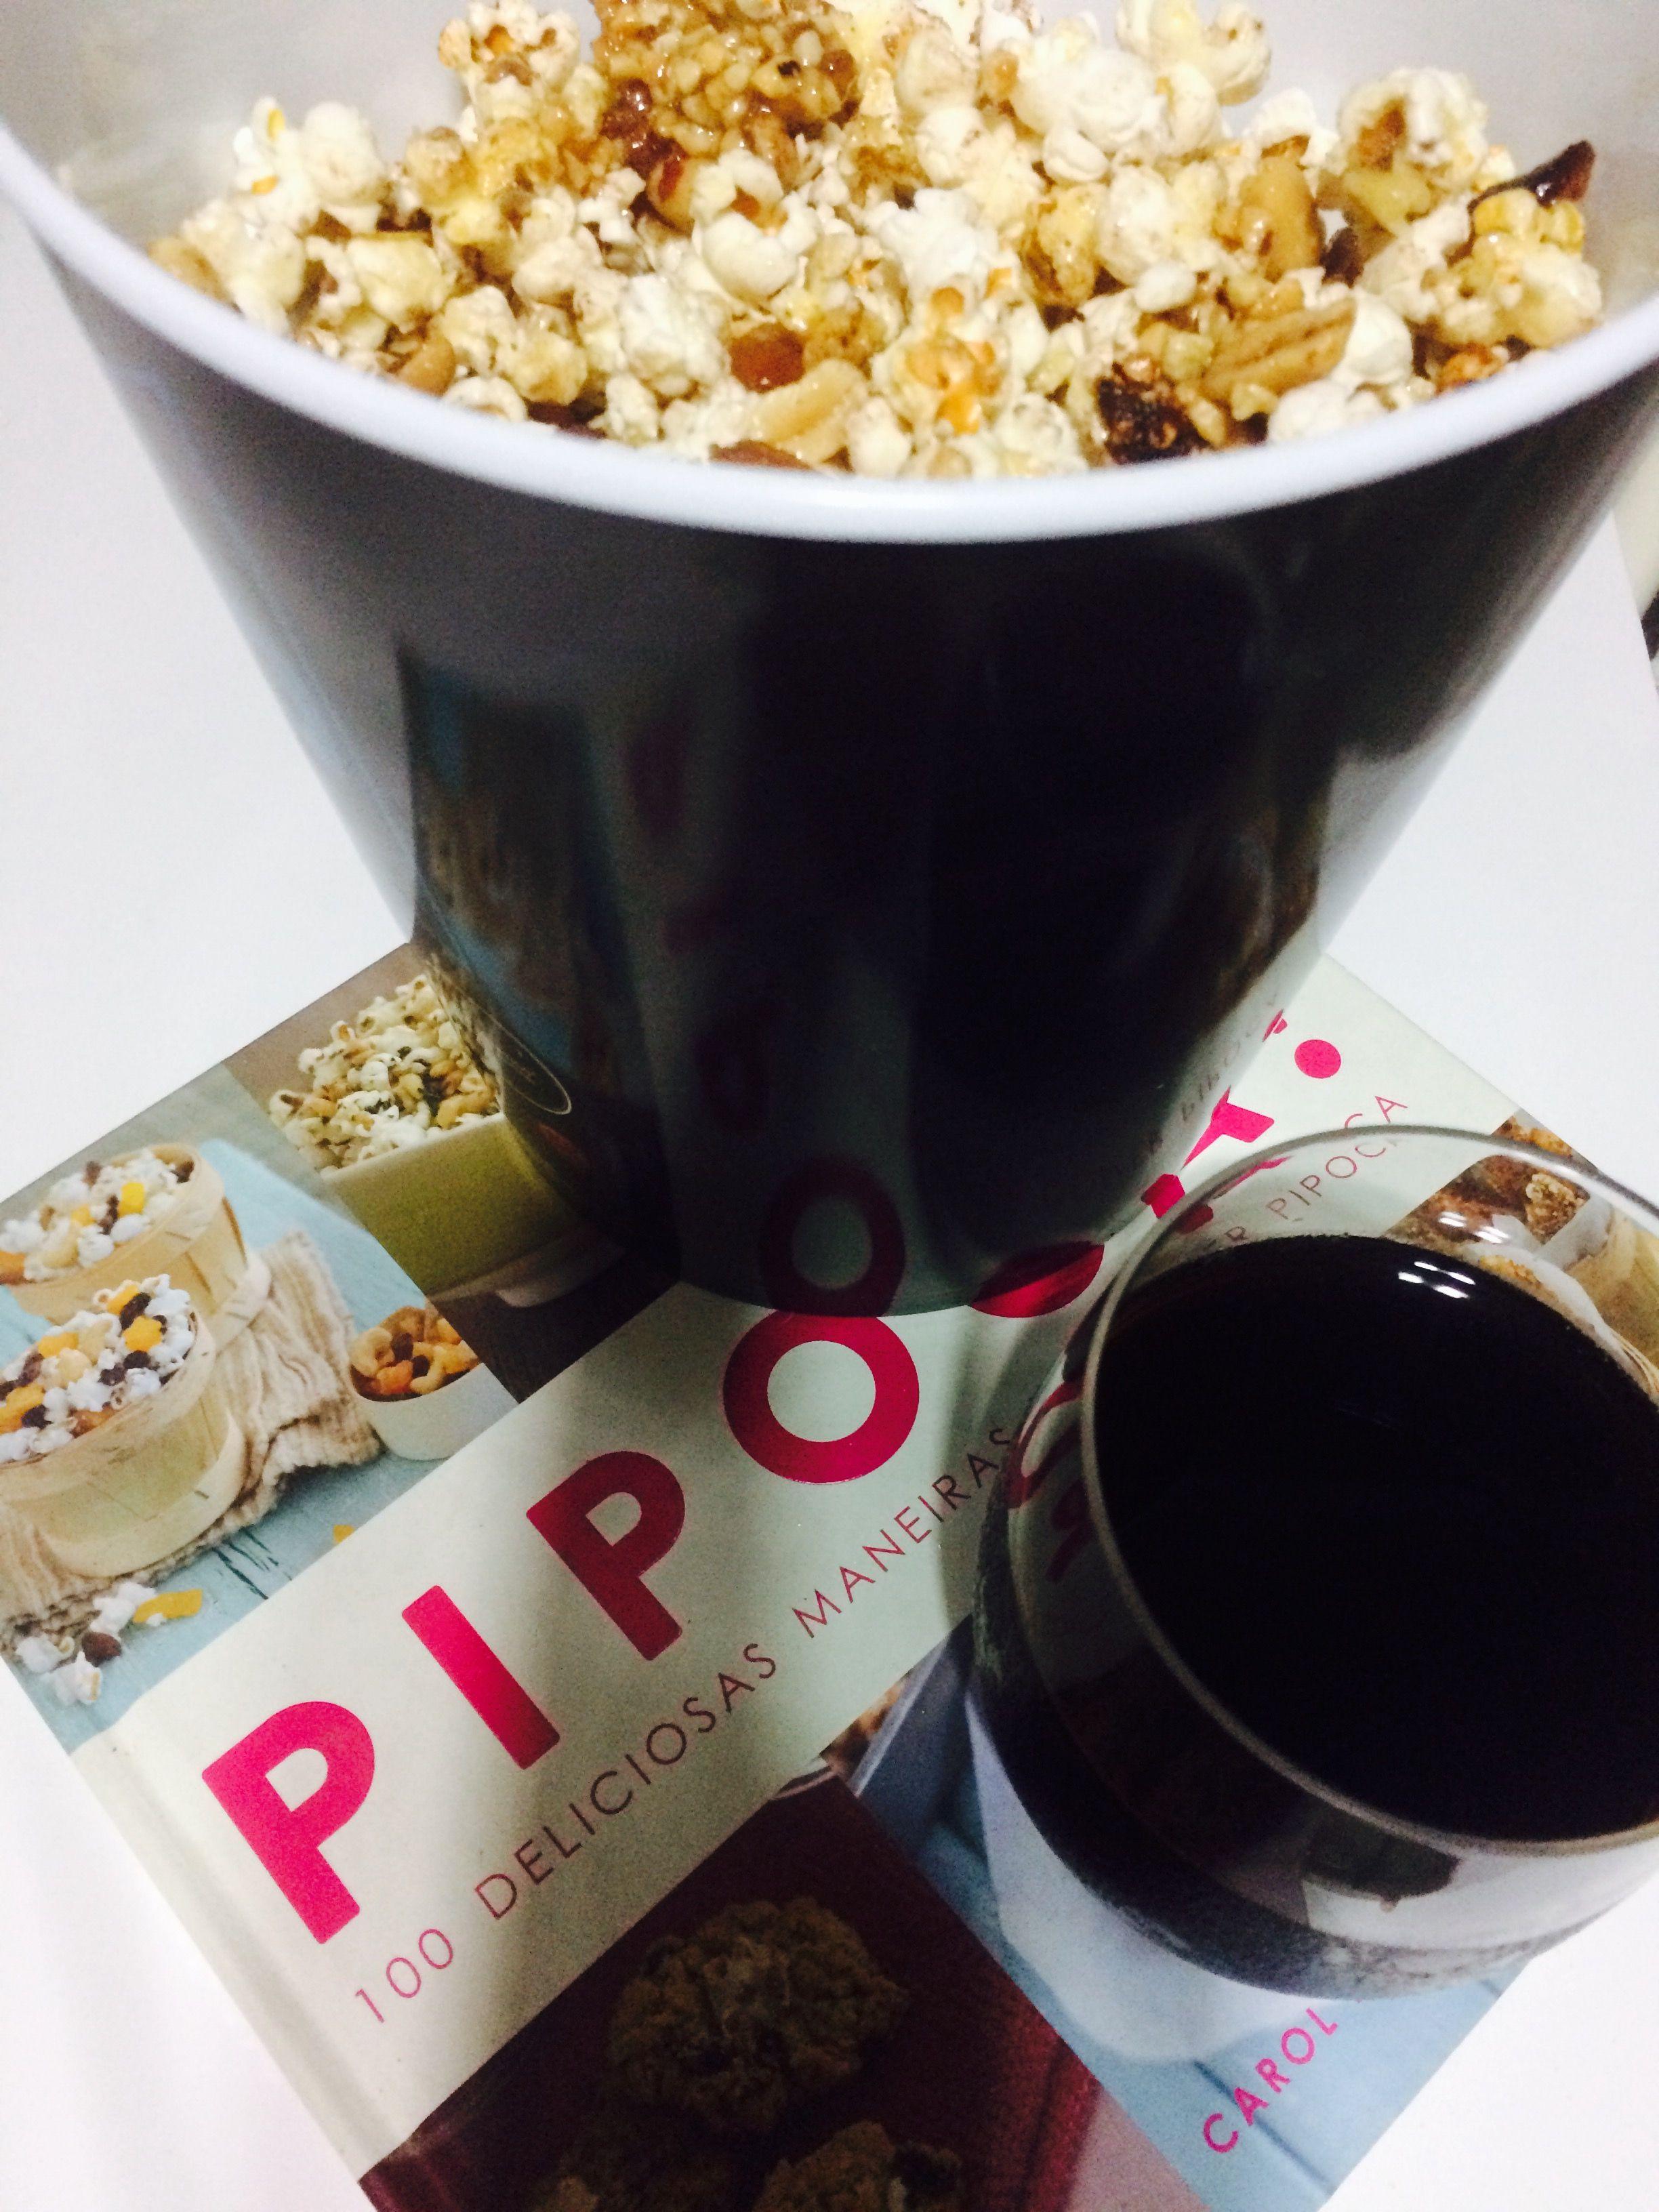 Pipoca com sabor e filmes 🎥